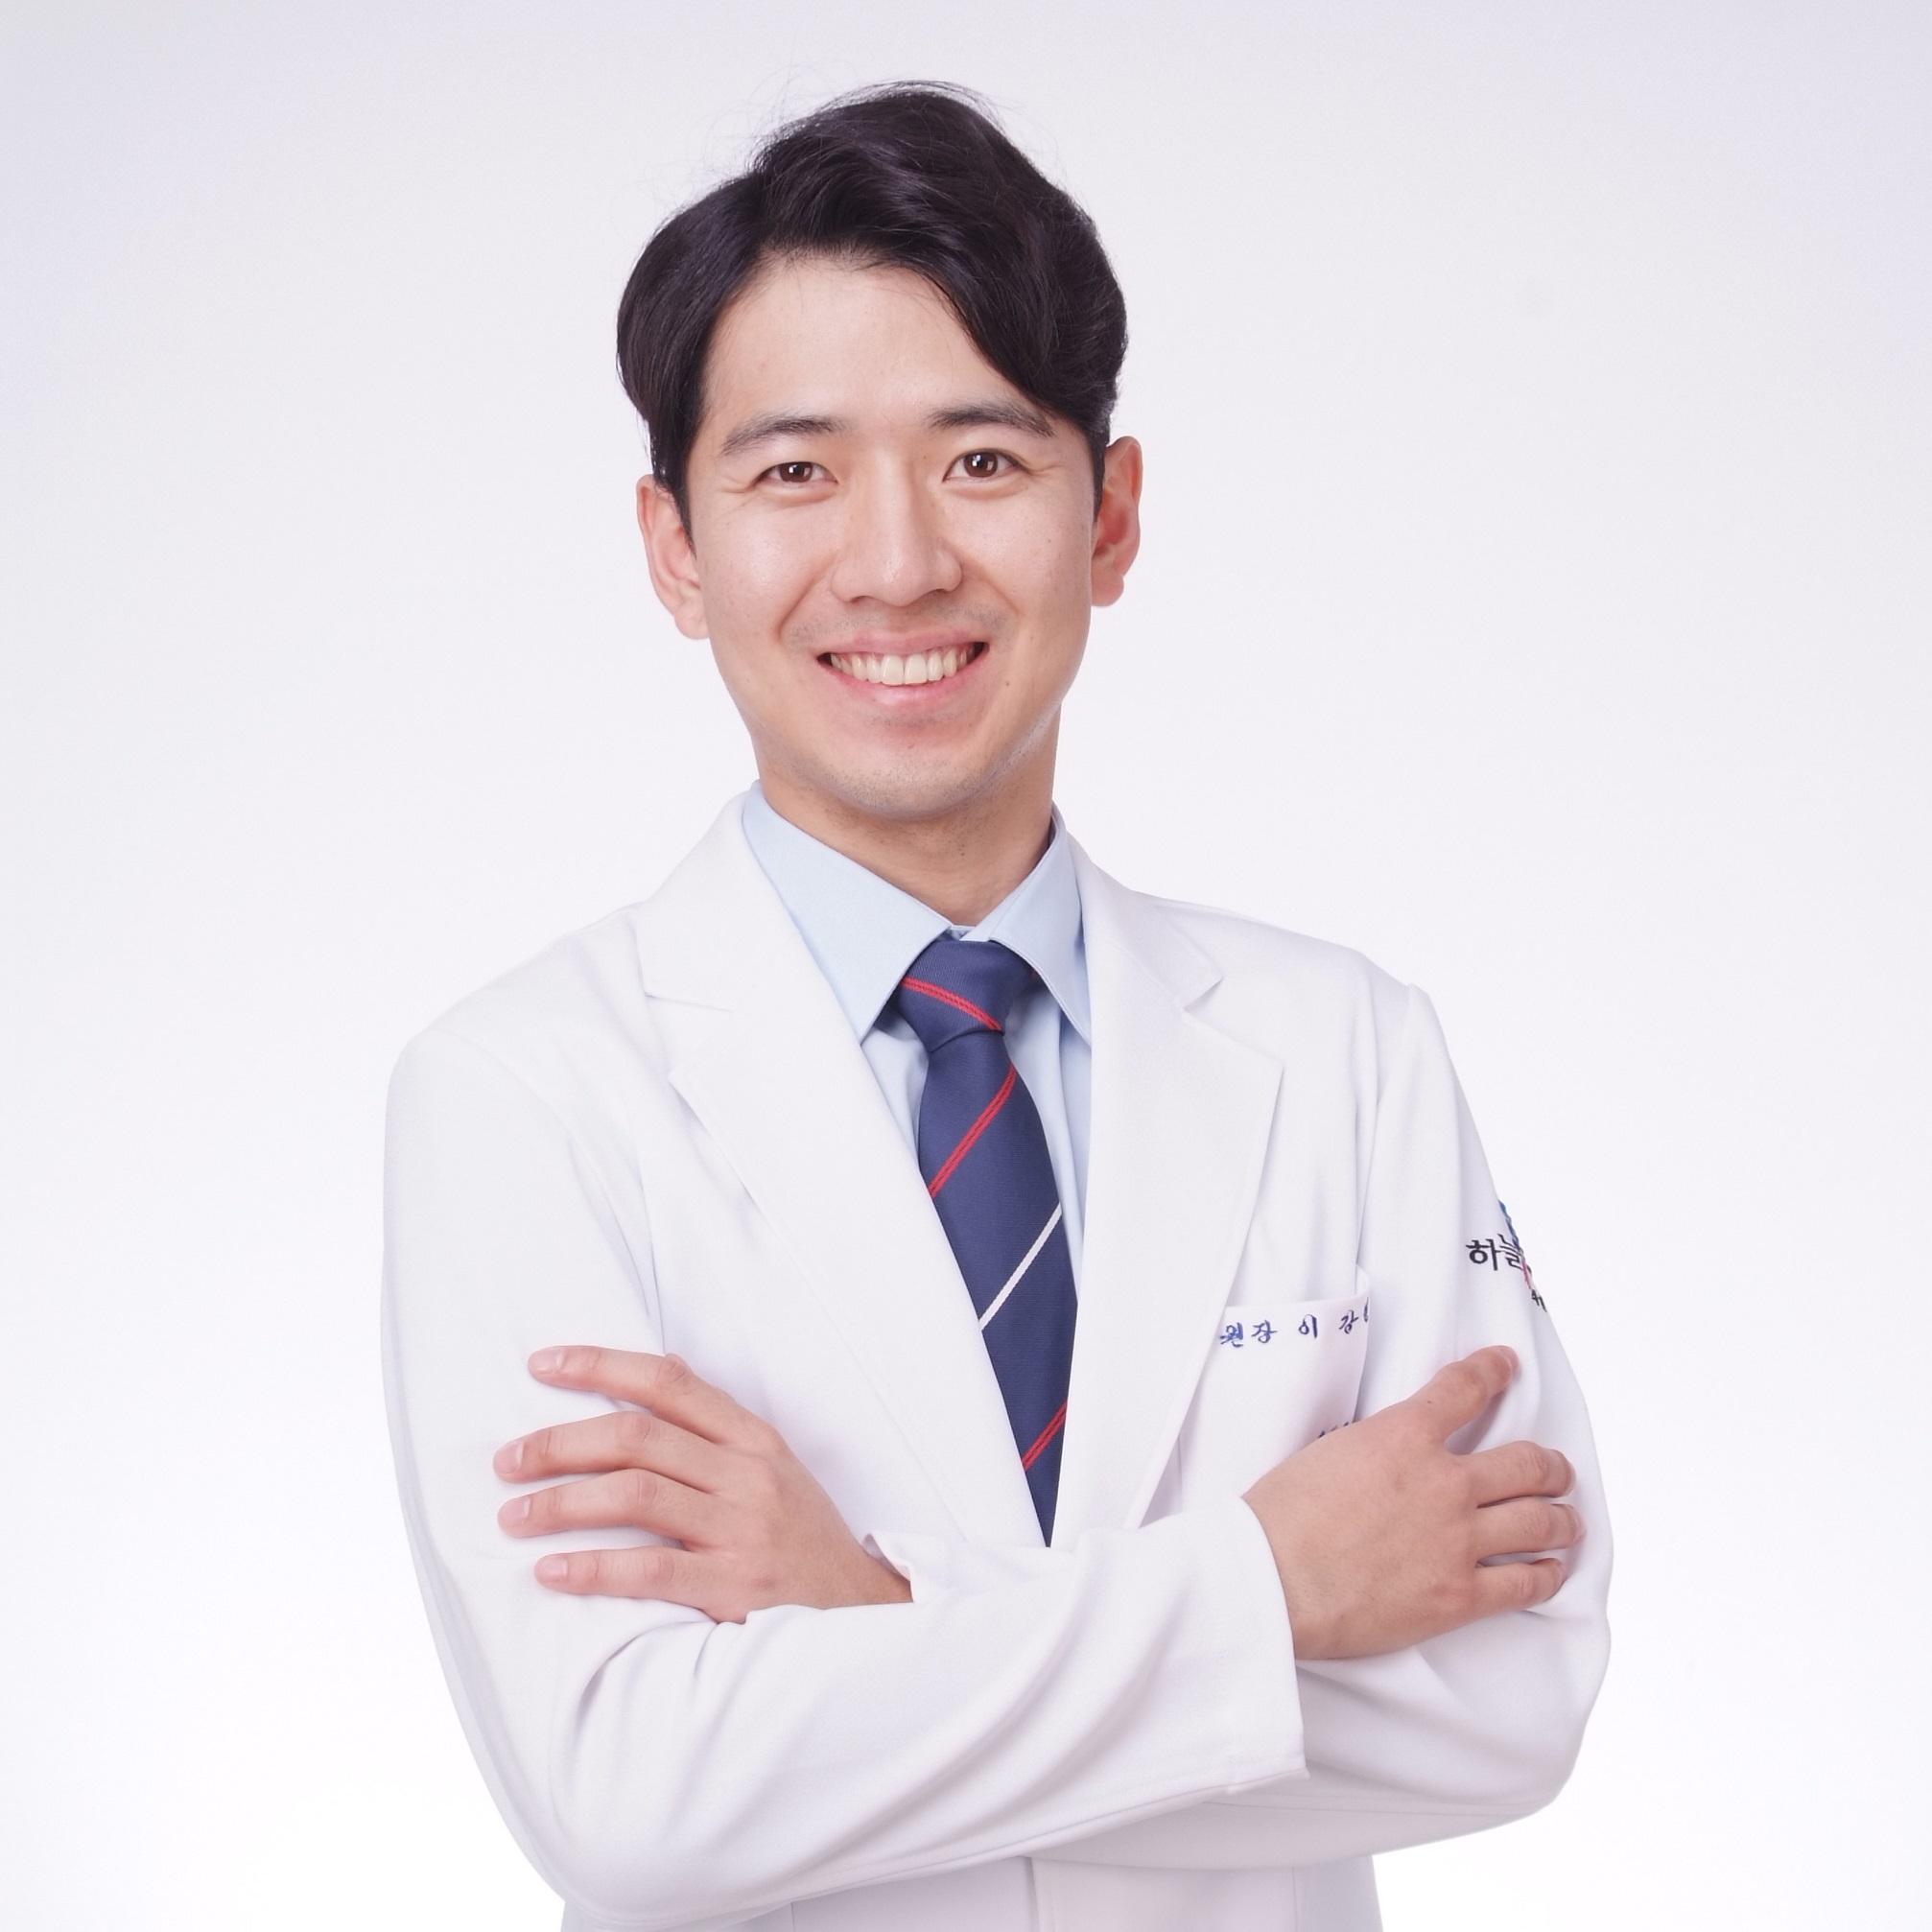 이강열 한의사